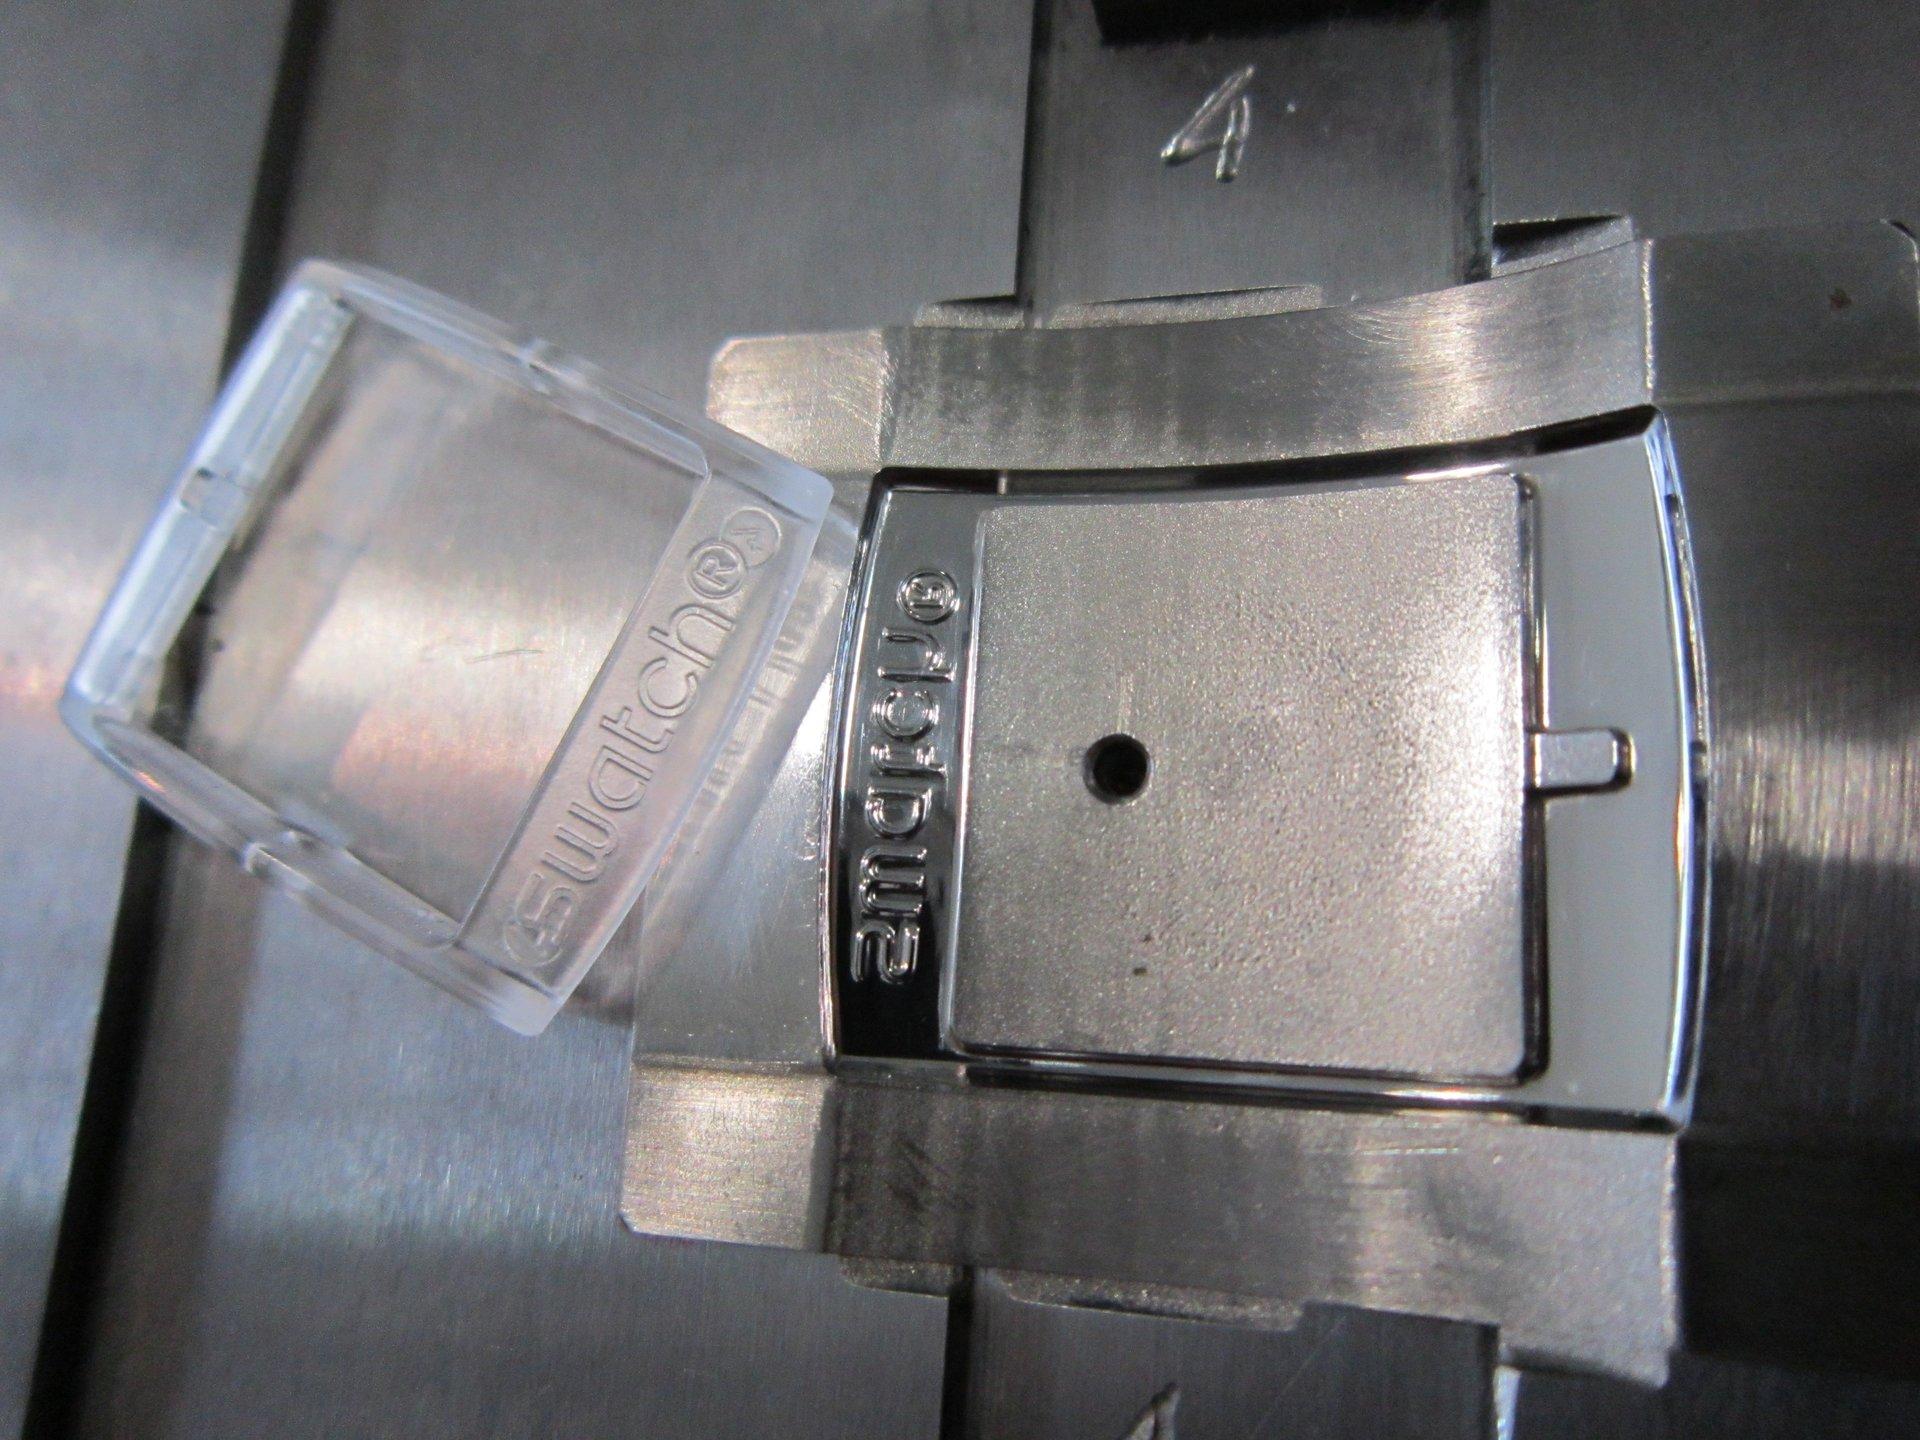 superficie metallica lucidata